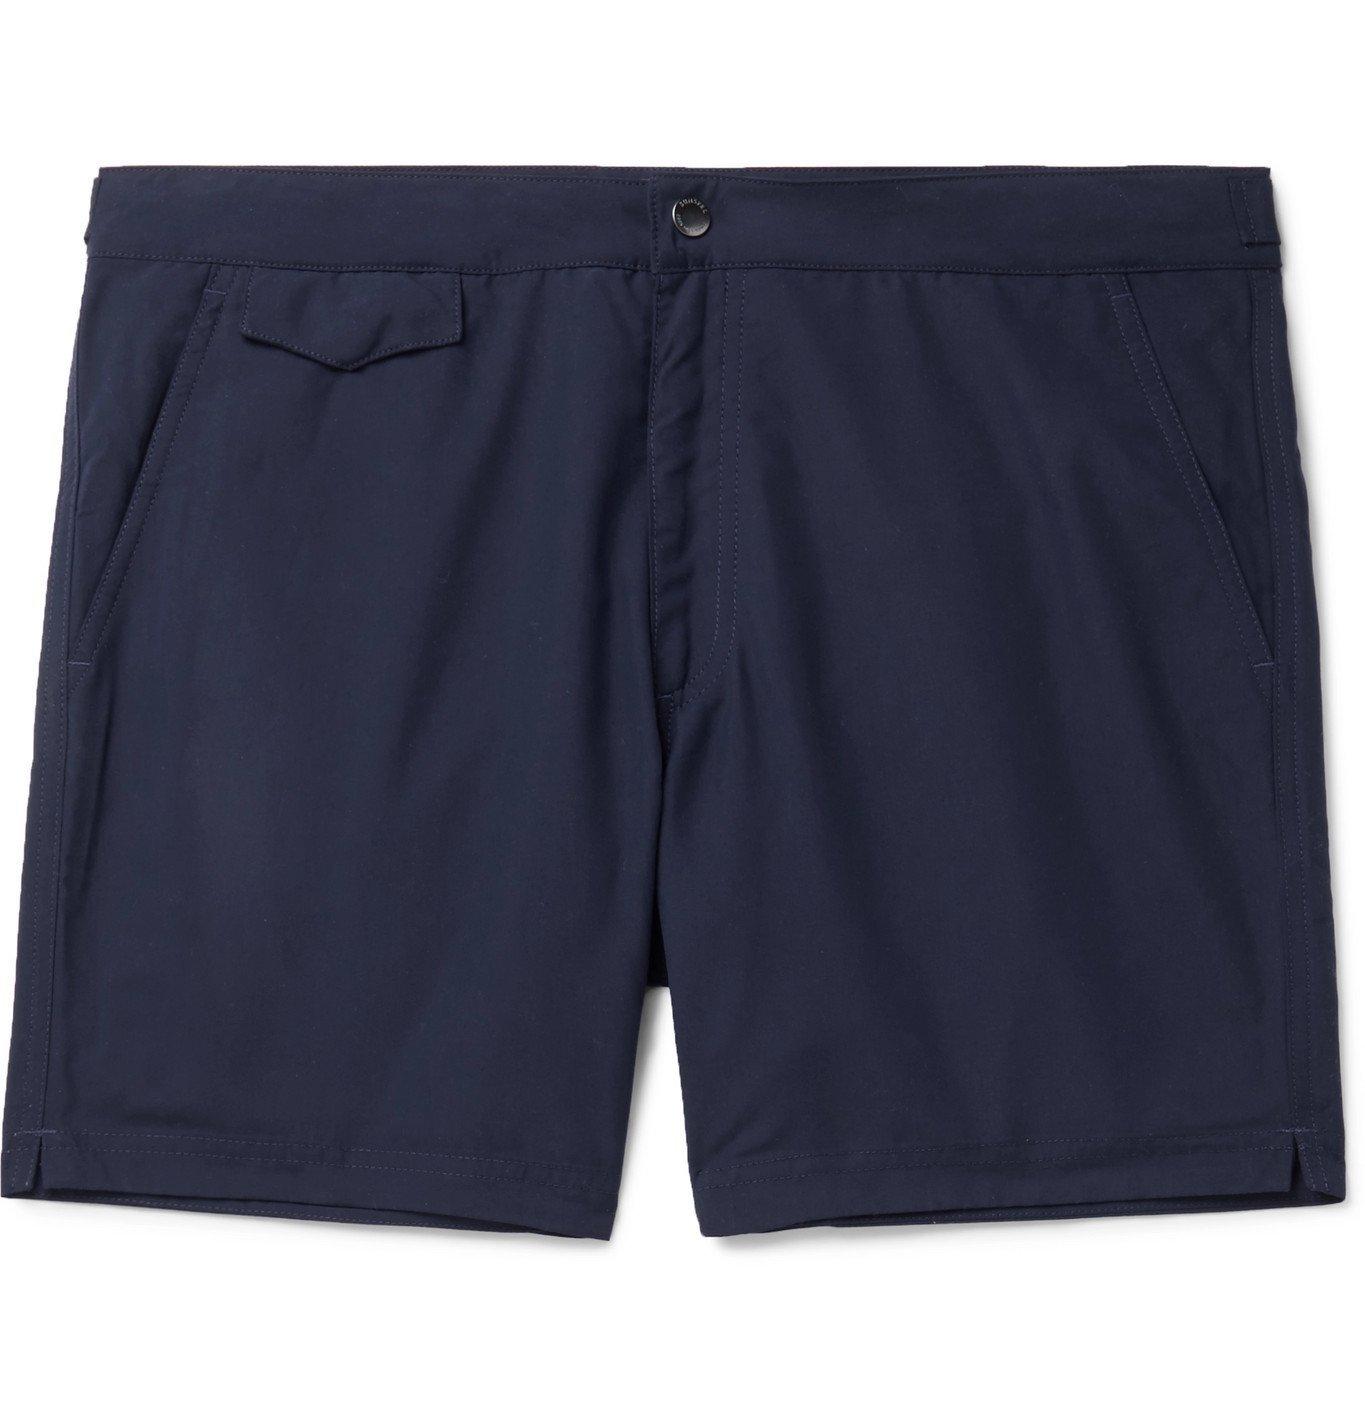 Sunspel - Slim-Fit SEAQUAL Swim Shorts - Unknown